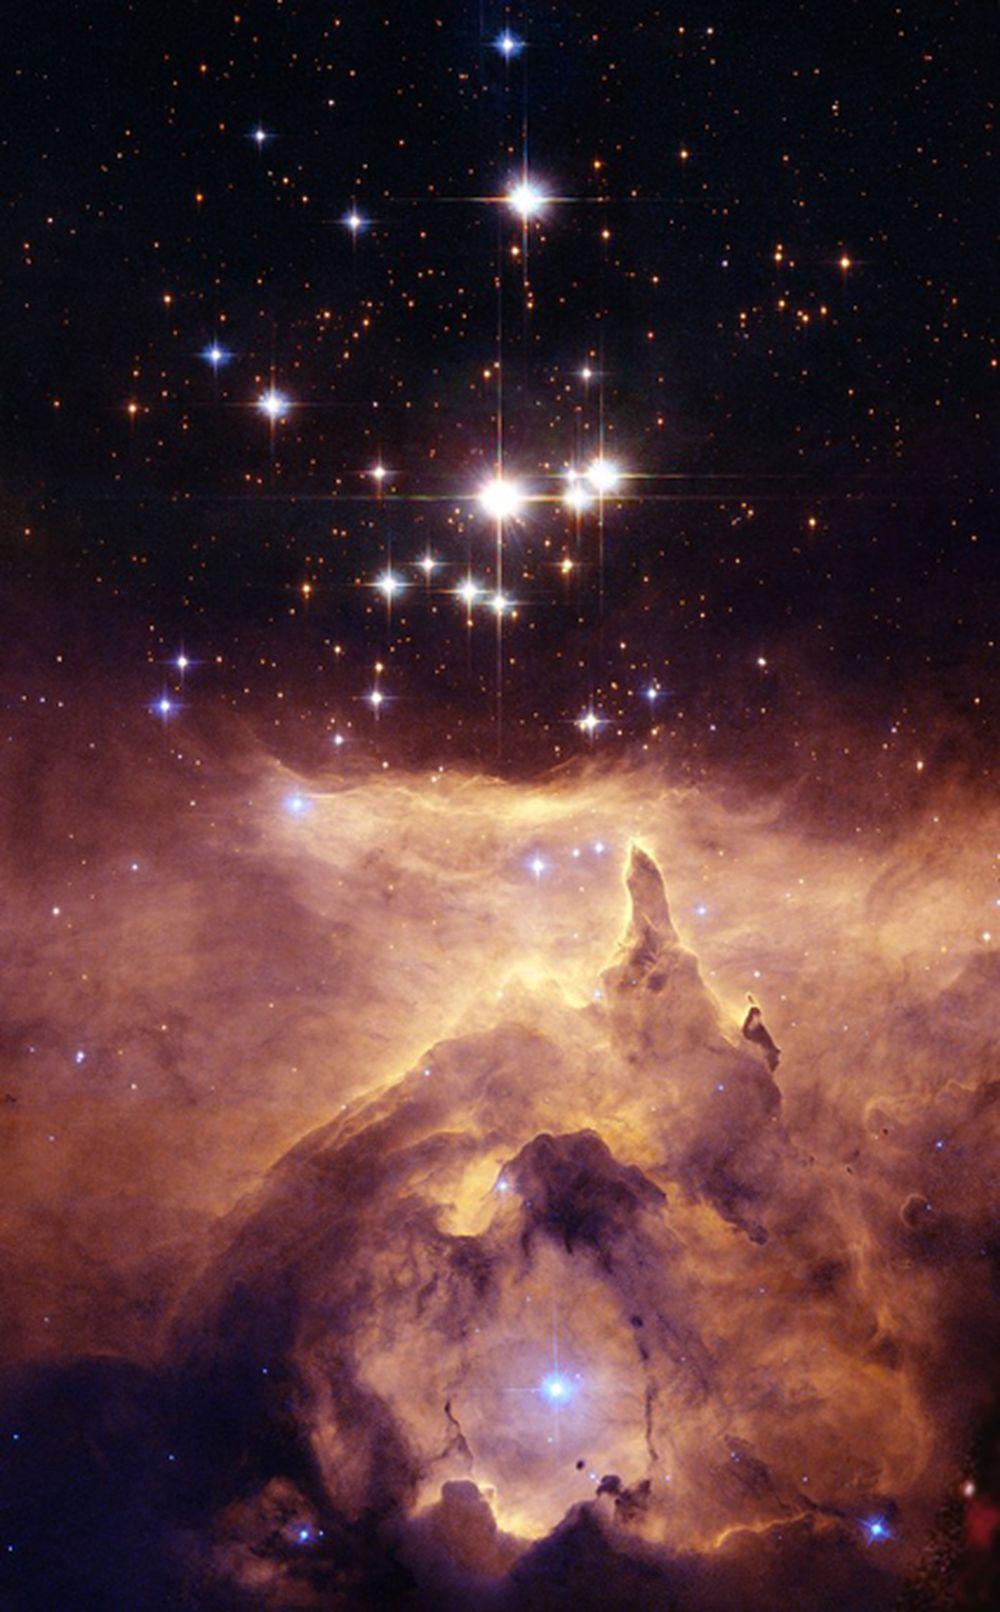 Nằm trong chòm sao Thiên Yết, cụm sao mở Pismis 24 là nhà của rất nhiều ngôi sao khổng lồ. Cụm sao mở bao gồm hàng trăm đến hàng nghìn ngôi sao, ...